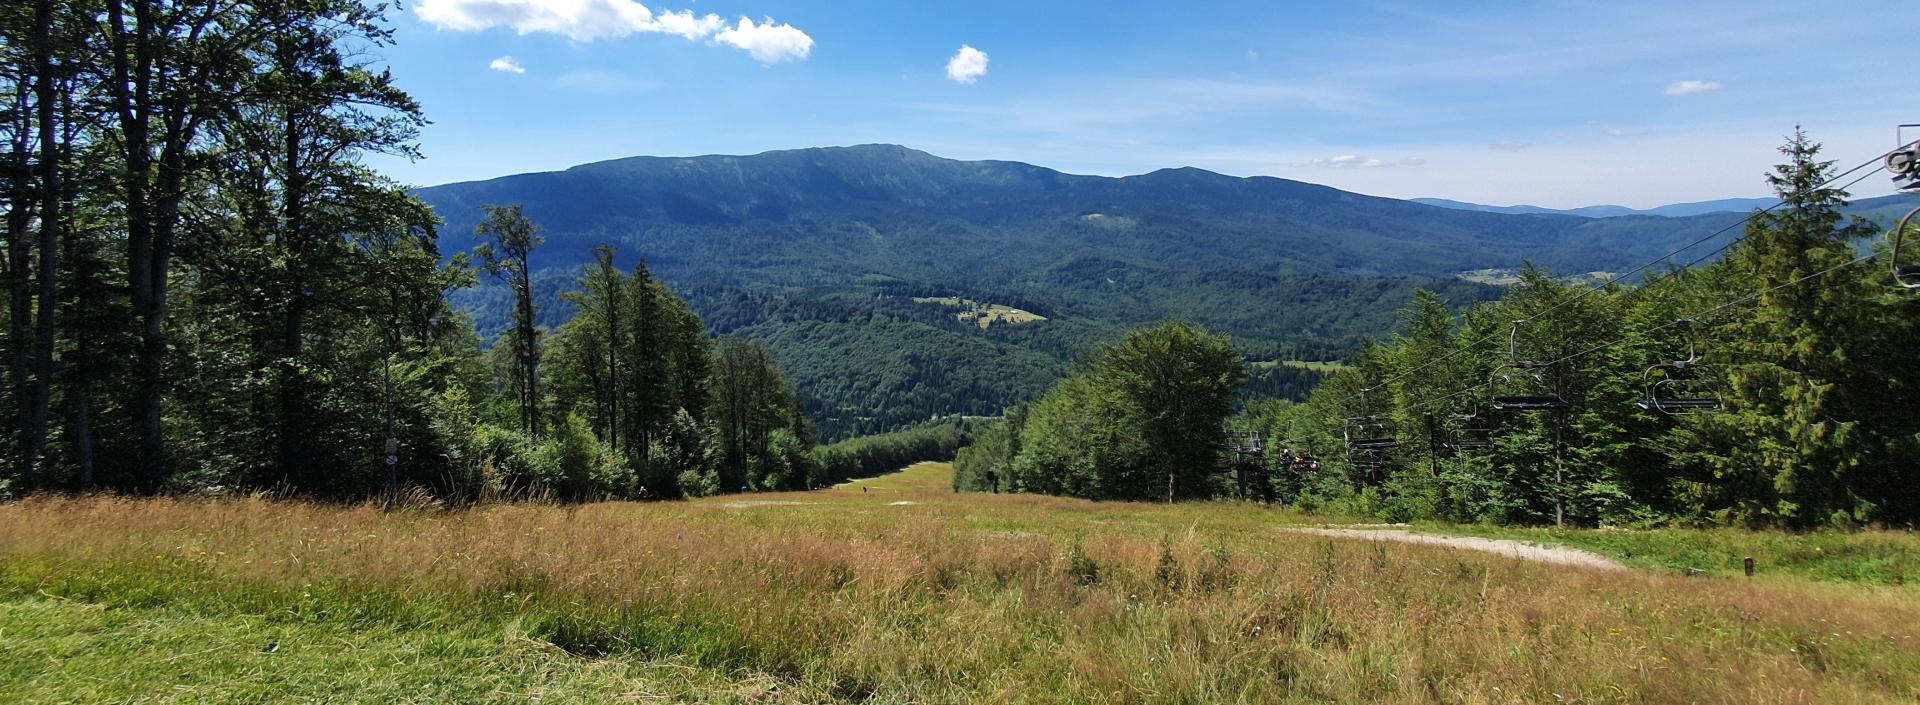 Babia Góra - widok na masyw